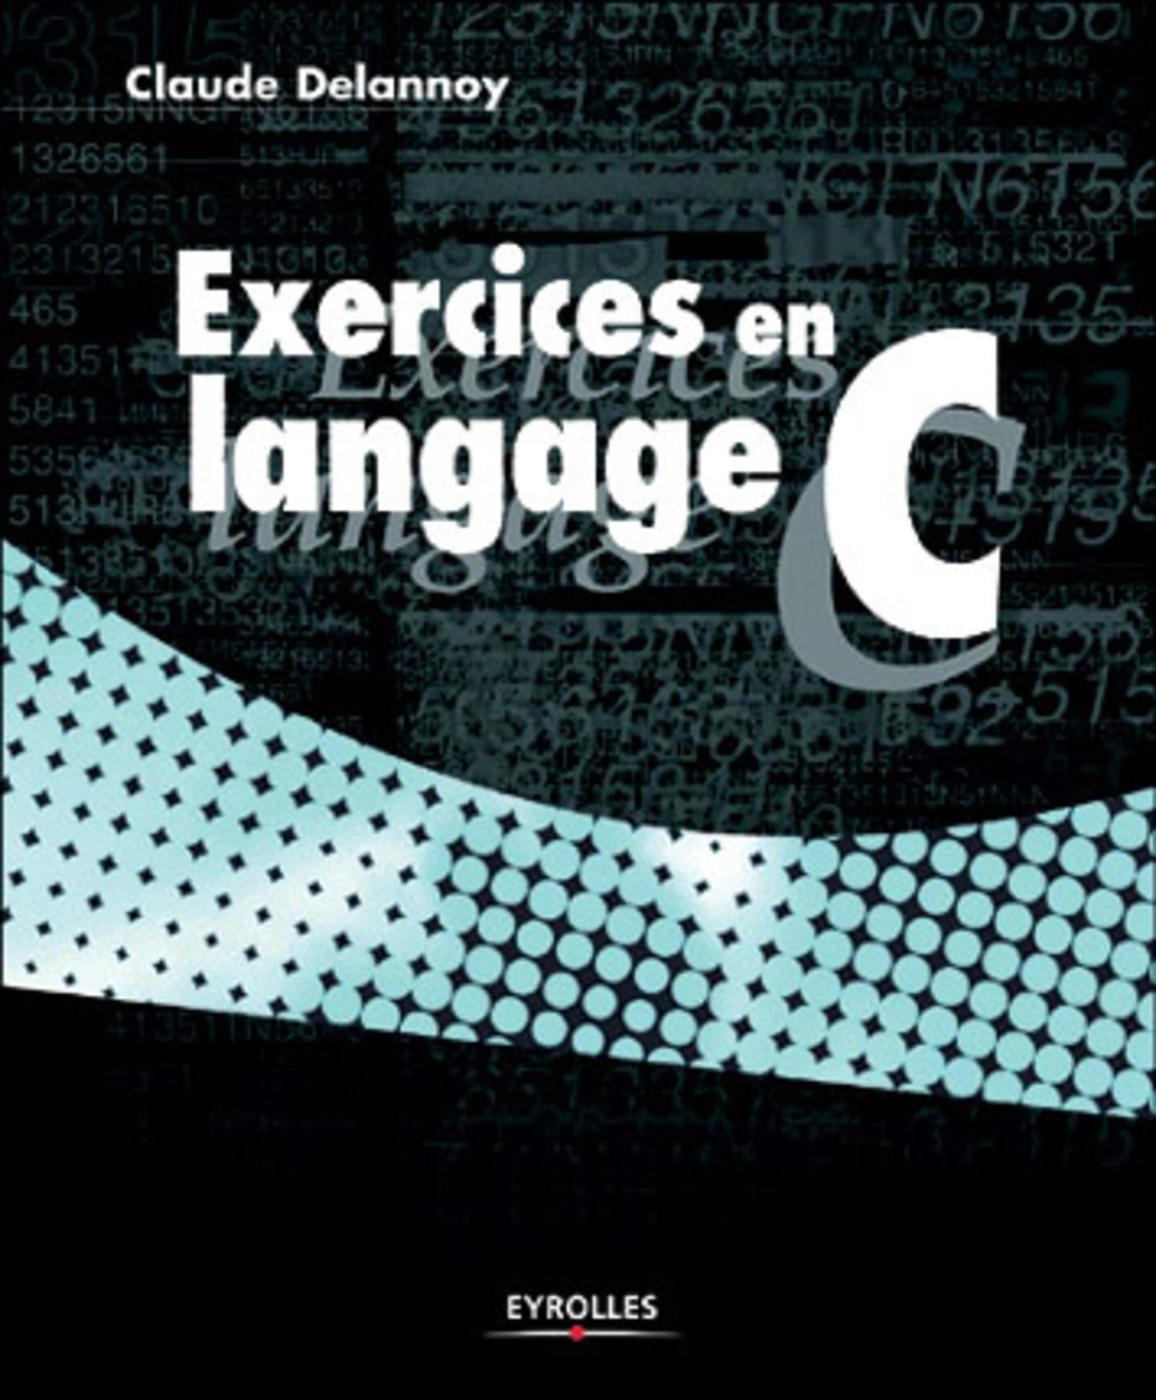 CLAUDE LANGAGE EXERCICES TÉLÉCHARGER EN DELANNOY PDF C